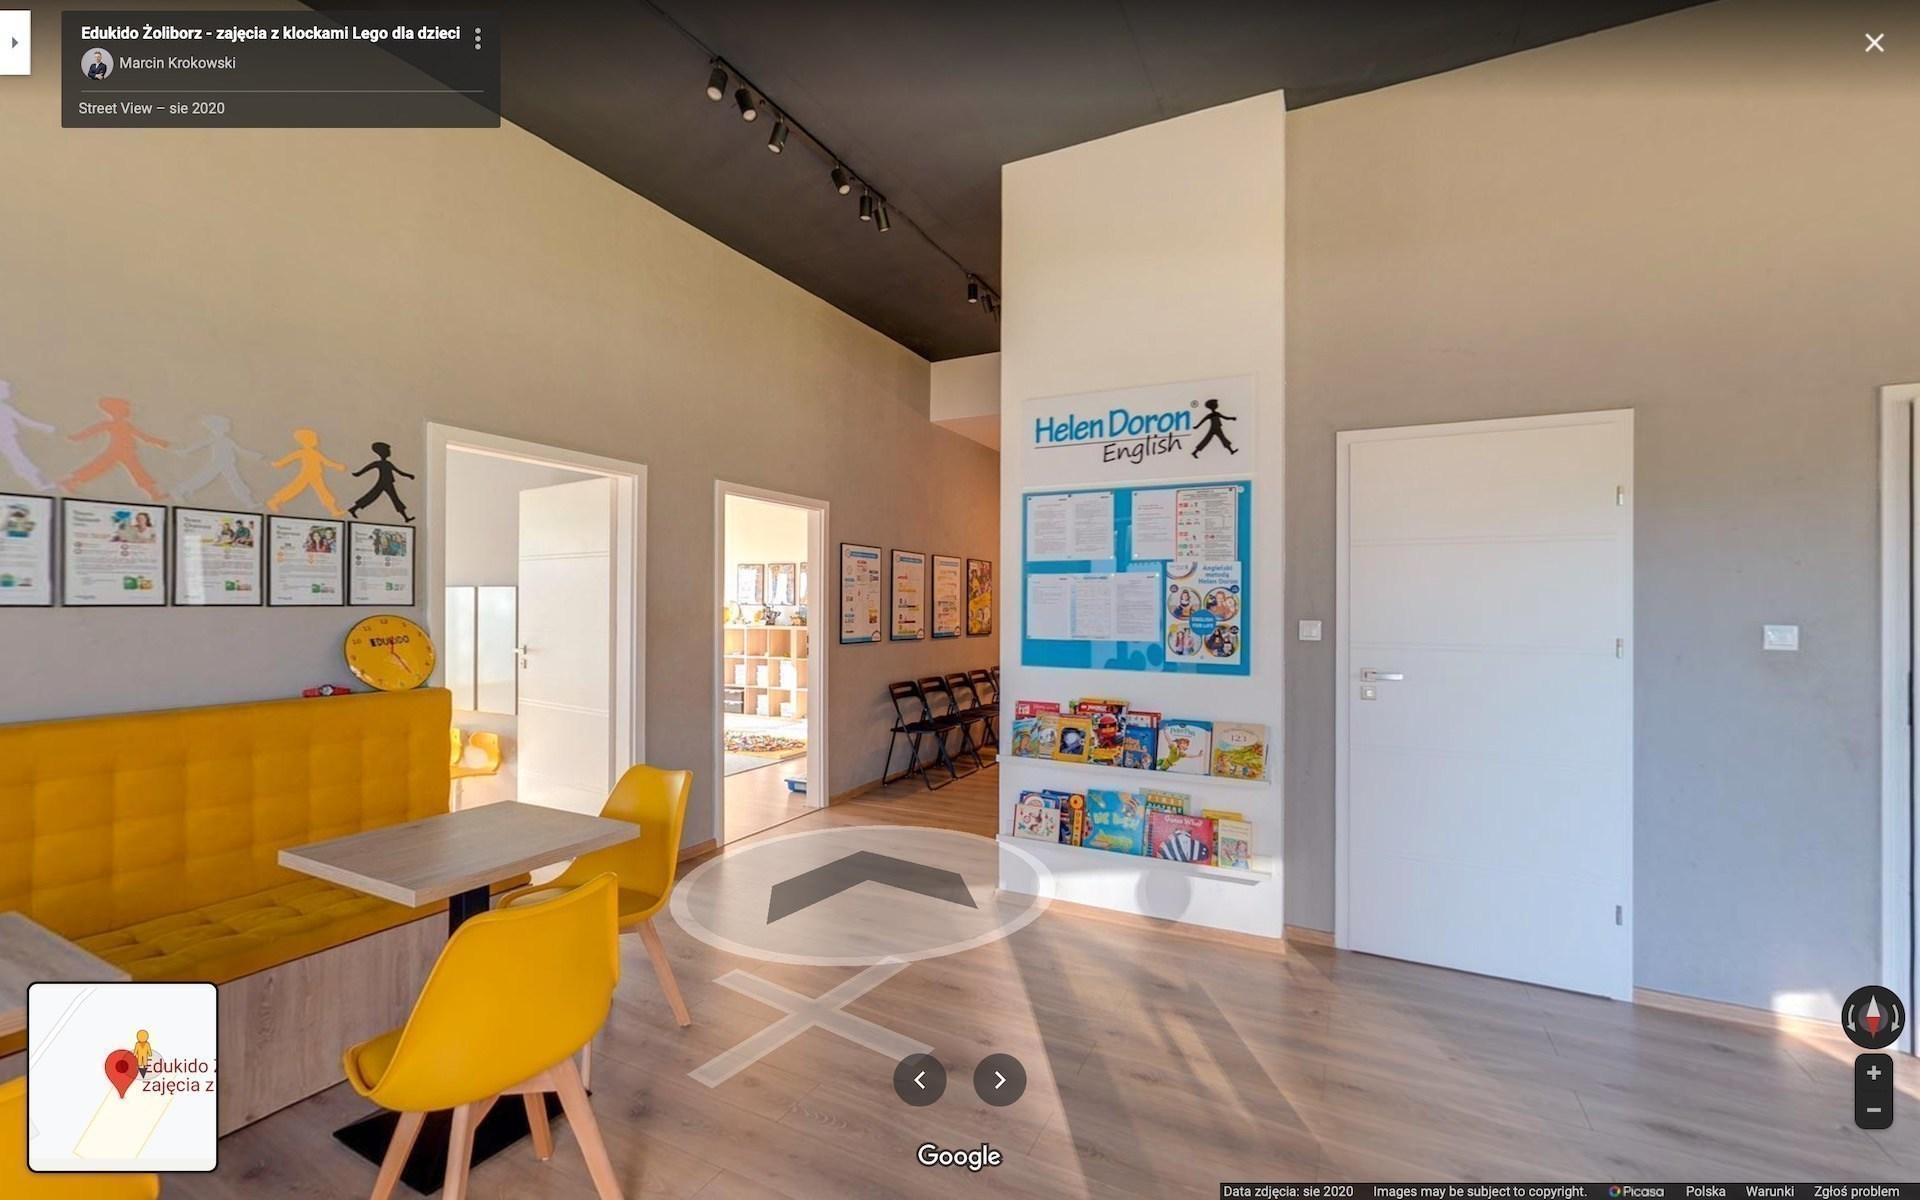 wirtualny spacer przedszkole edukido warszawa - Urbanflavour.pl